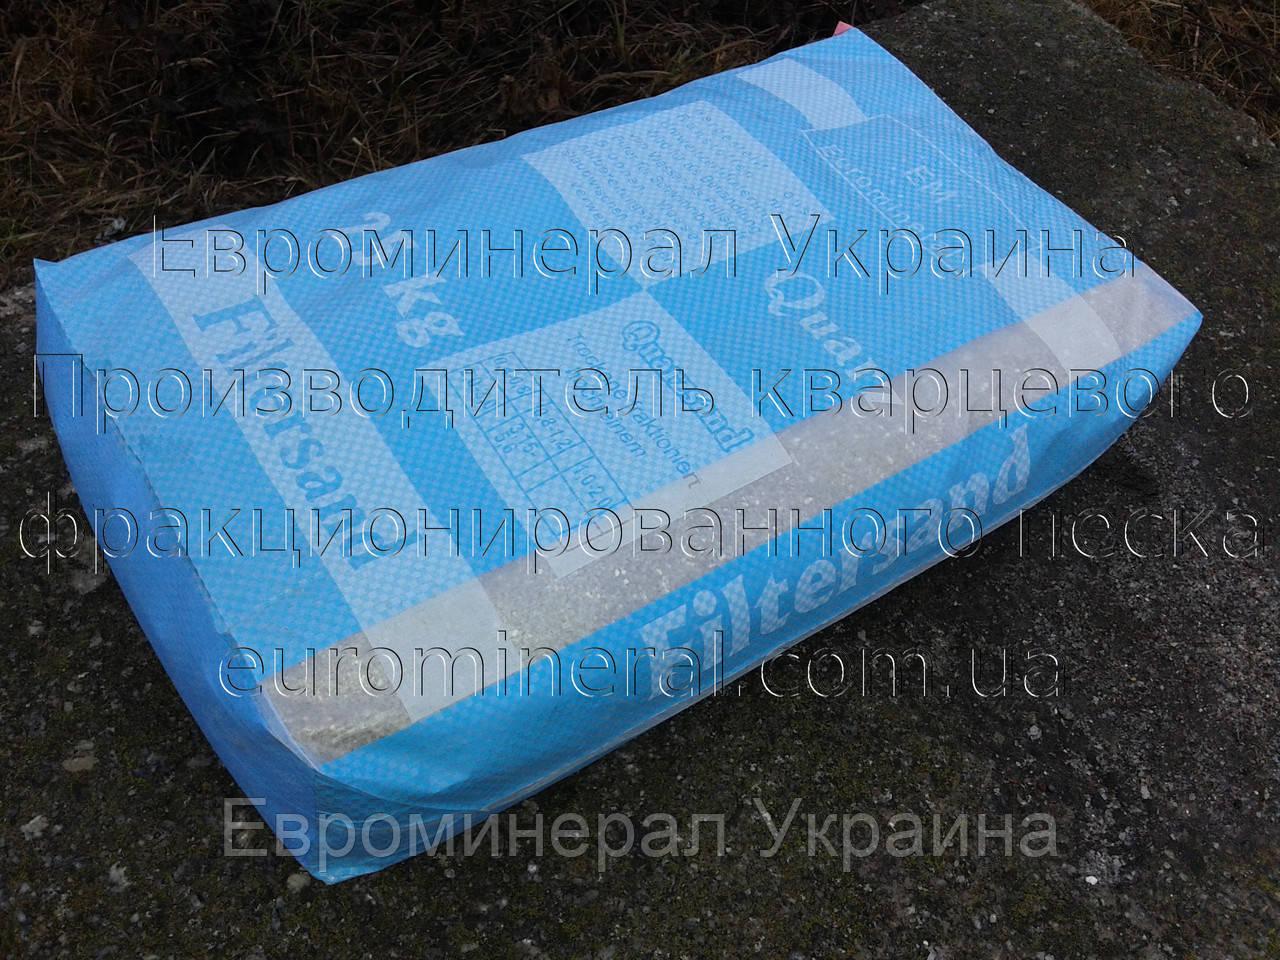 Сухой фракционированный кварцевый песок для фильтров фракция 1,0-2,0 мм - Евроминерал Украина в Бердичеве